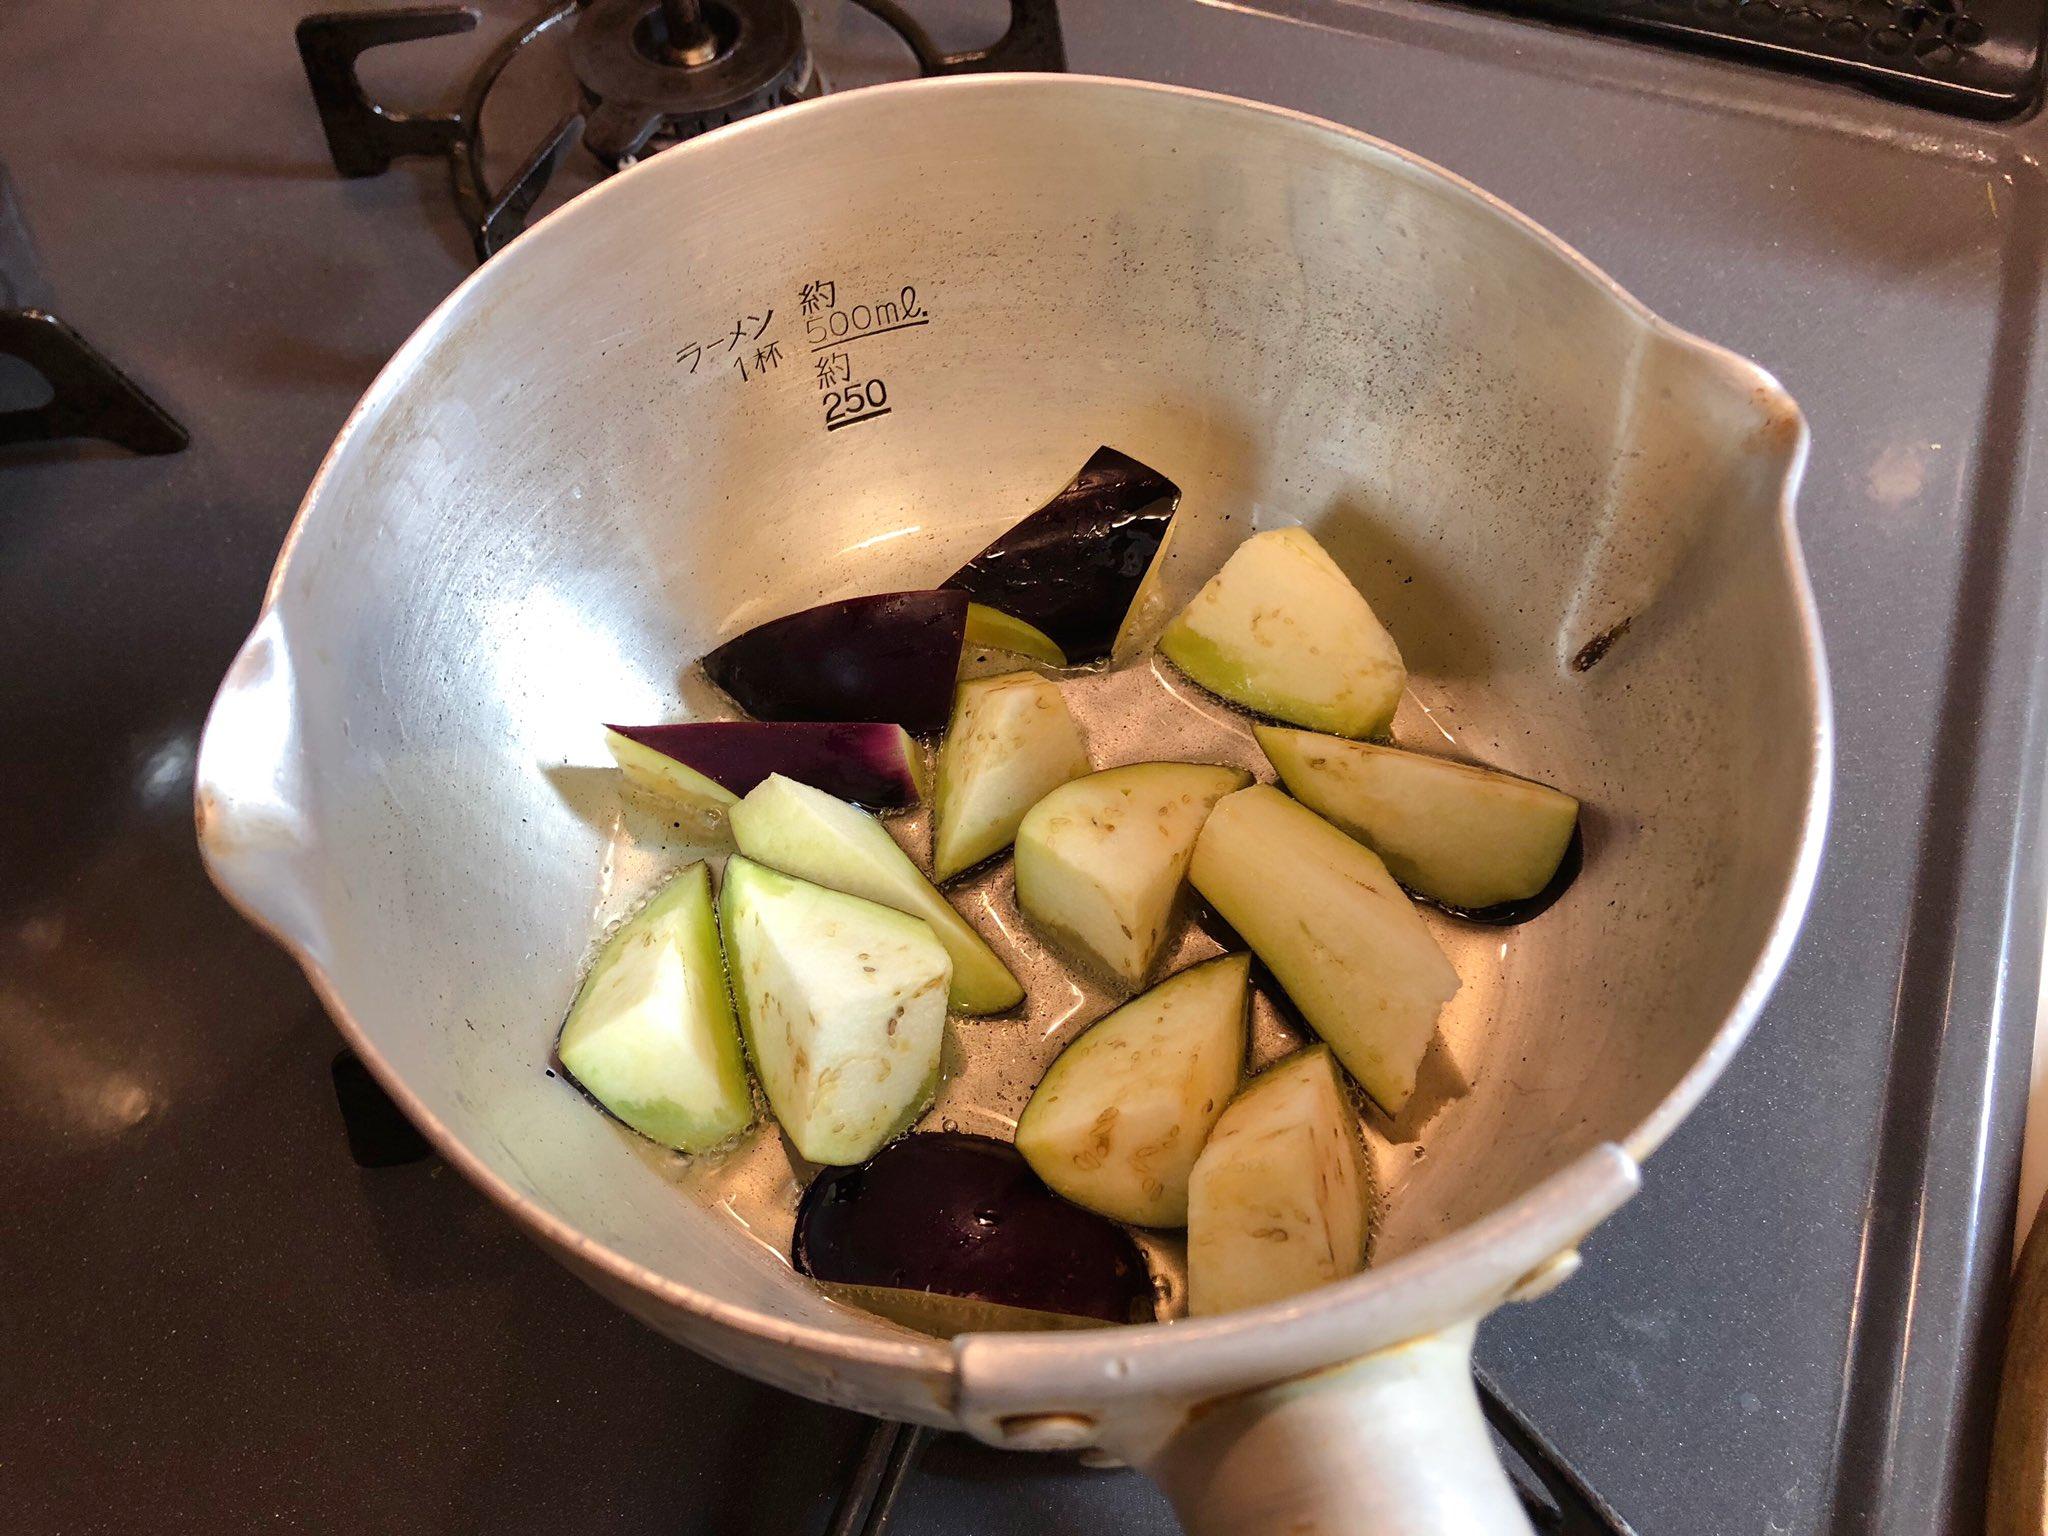 大学生の時に作ってた簡単な素麺のつけだれ。 茄子1本🍆乱切り(輪切りでも🙆♀️)にし、鍋にツナ缶の油だけ入れ、炒める(ノンオイルのツナ缶なら胡麻油で美味しい◎)。 油が馴染んだな〜という頃合いにツナ1缶、水150cc、めんつゆ50cc加えてサッと加熱。 素麺にすごく合うのと、簡単なのでよく食べてたな〜